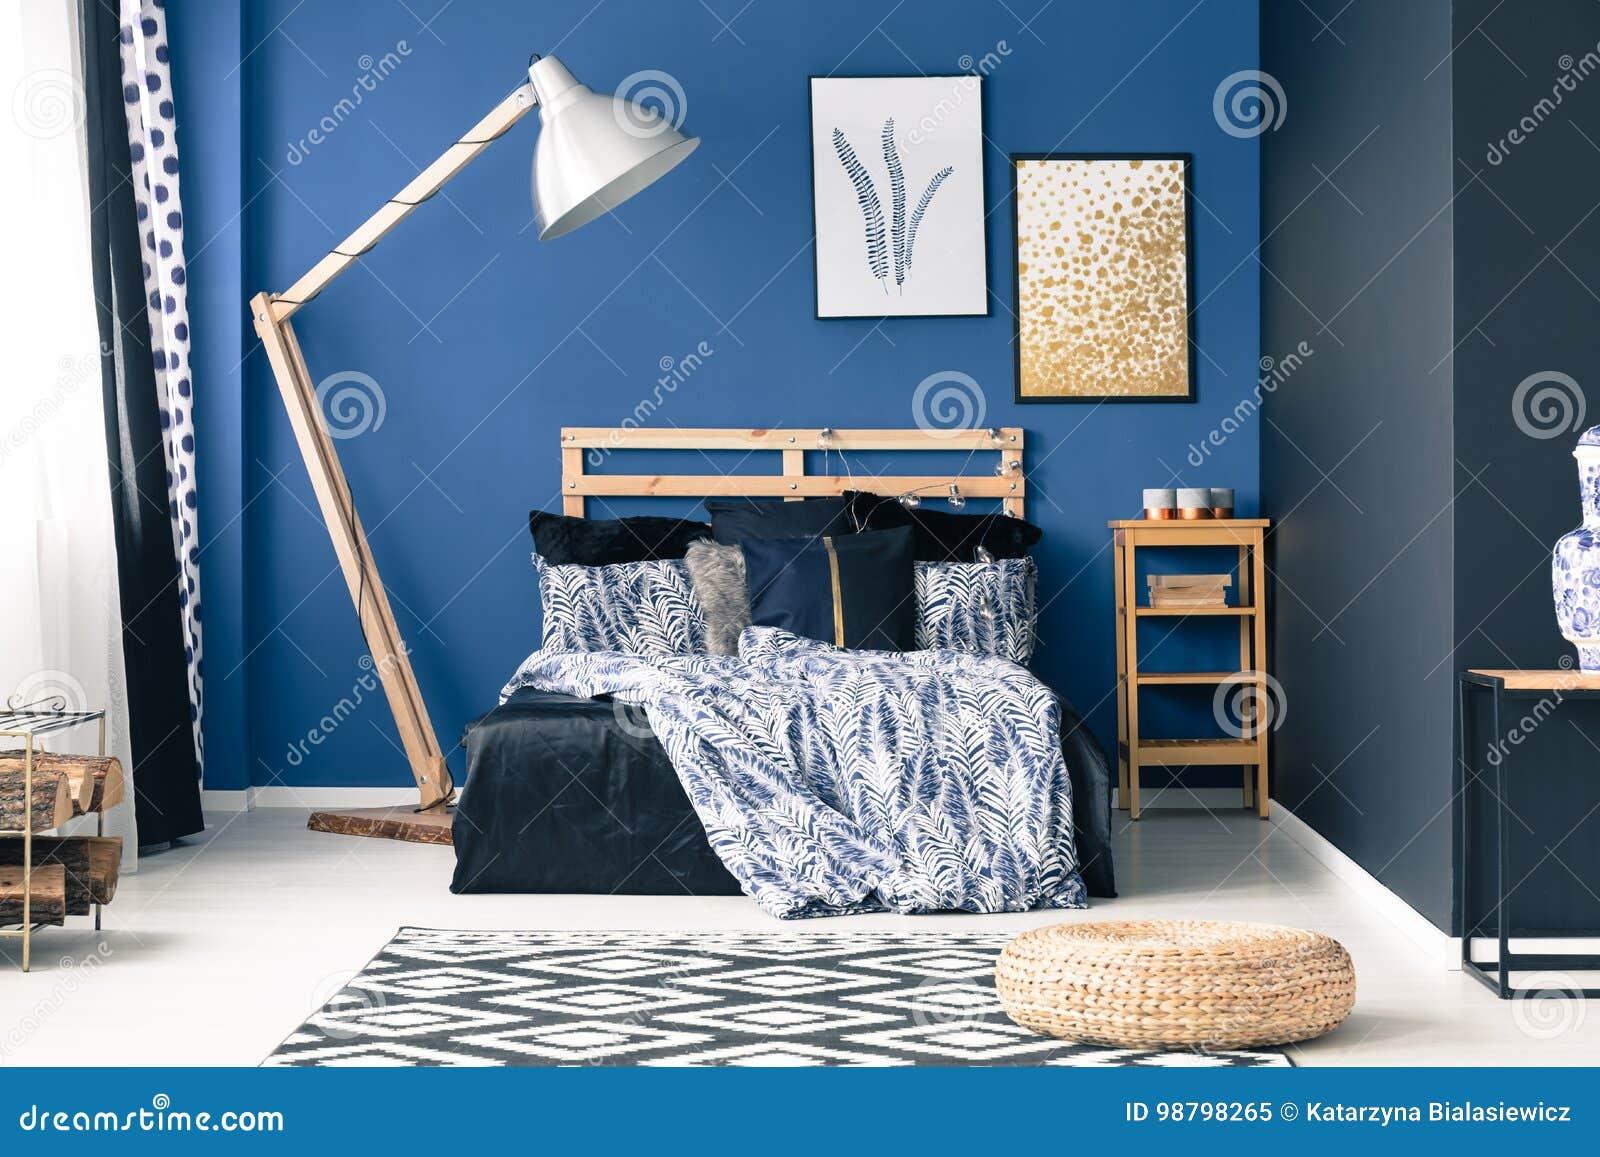 Camera Da Letto Blu : Camera da letto blu con gli accenti delloro immagine stock